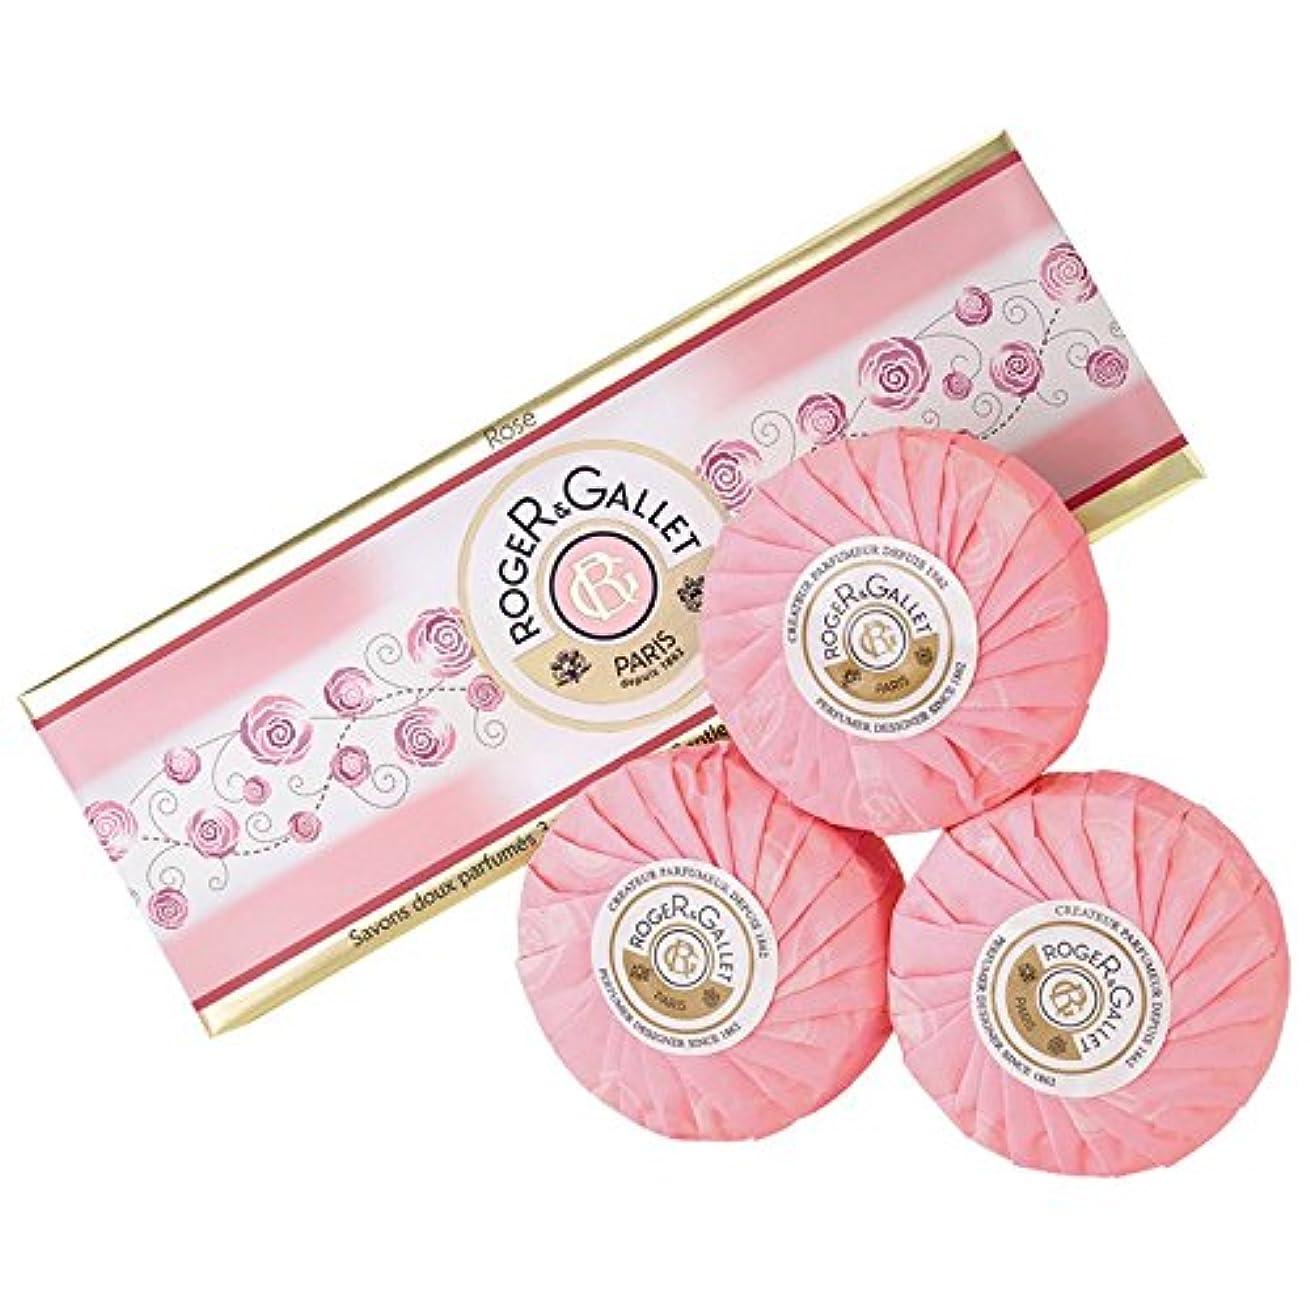 ナイトスポット資料水素ロジャー&Galletのは石鹸コフレ3つのX 100グラムをバラ (Roger & Gallet) (x2) - Roger & Gallet Rose Soap Coffret 3 x 100g (Pack of 2)...